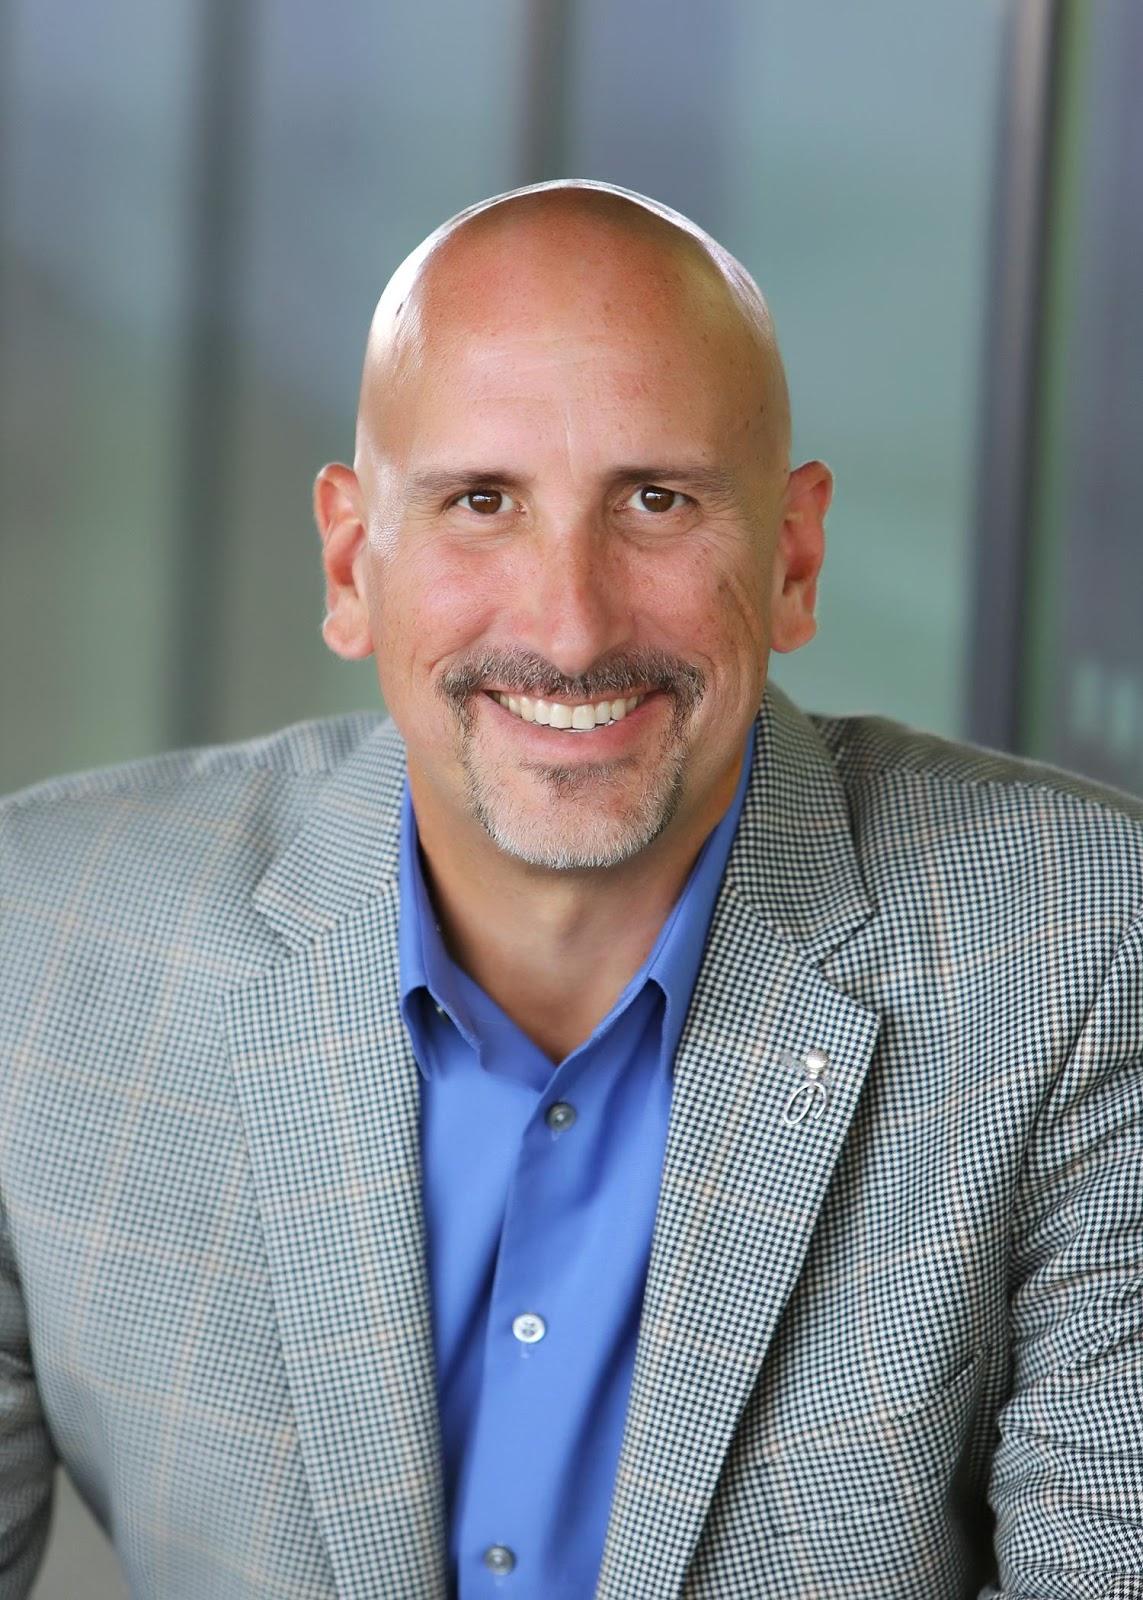 Jeff Nischwitz